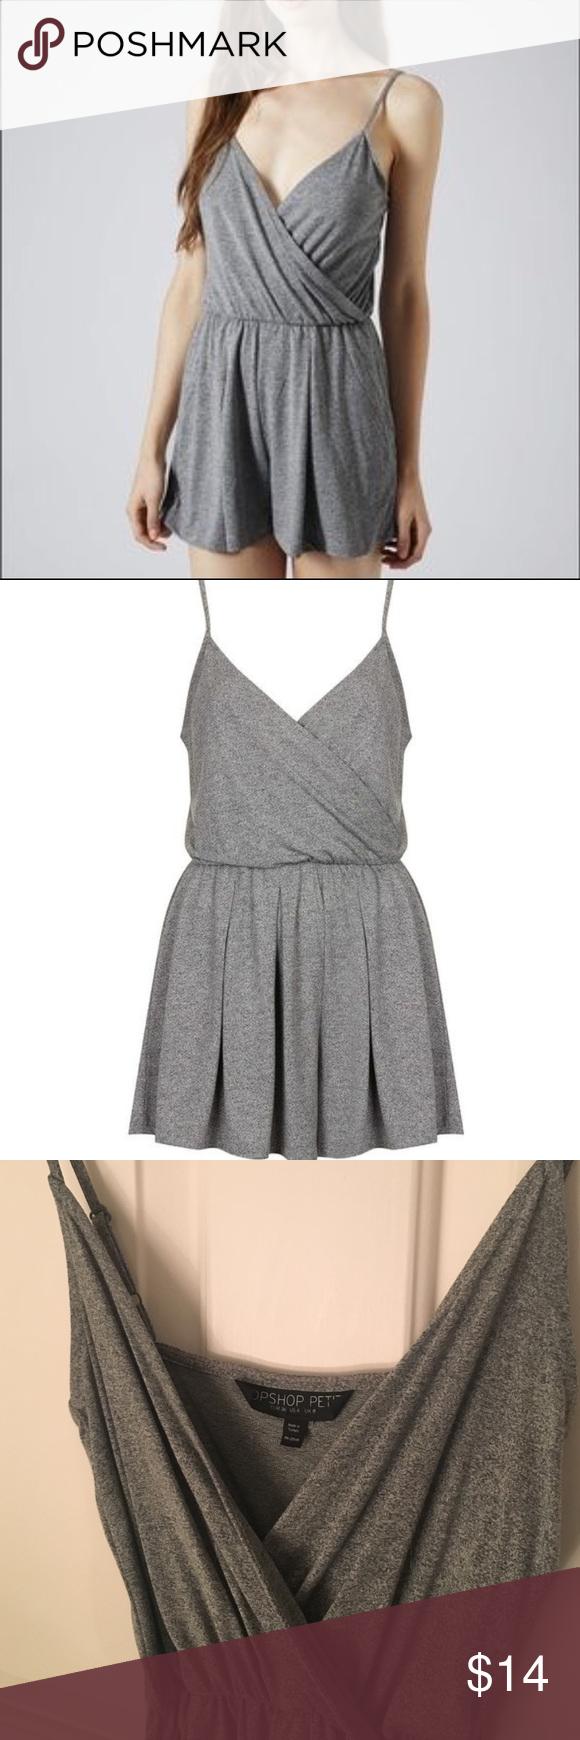 0d1daeb94aca Topshop gray romper Topshop Petites gray romper. A great wardrobe basic! Super  soft and